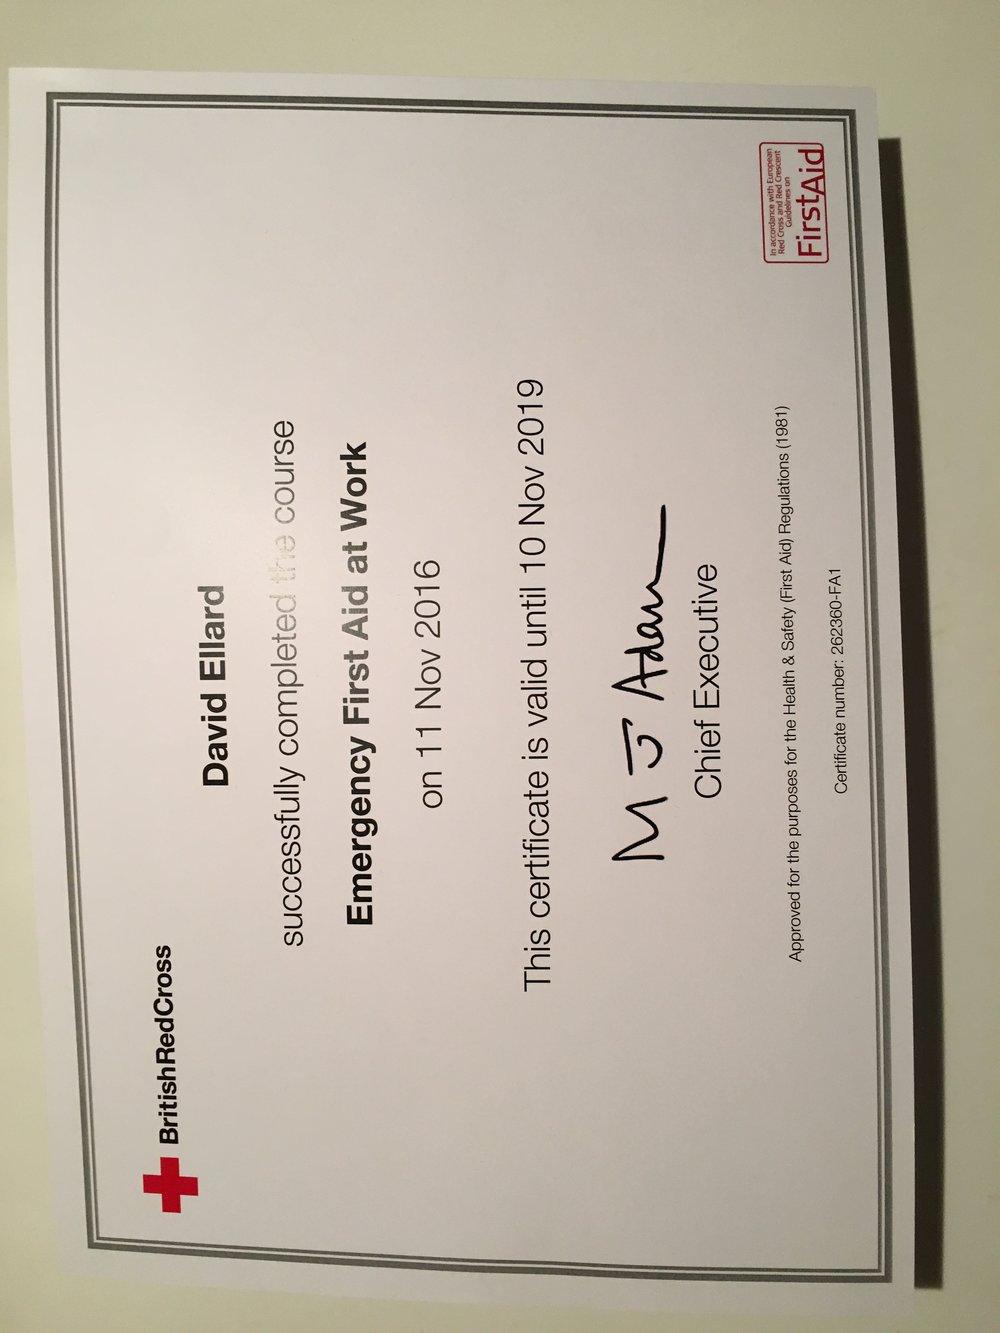 David_Ellard_First_Aid_Certification